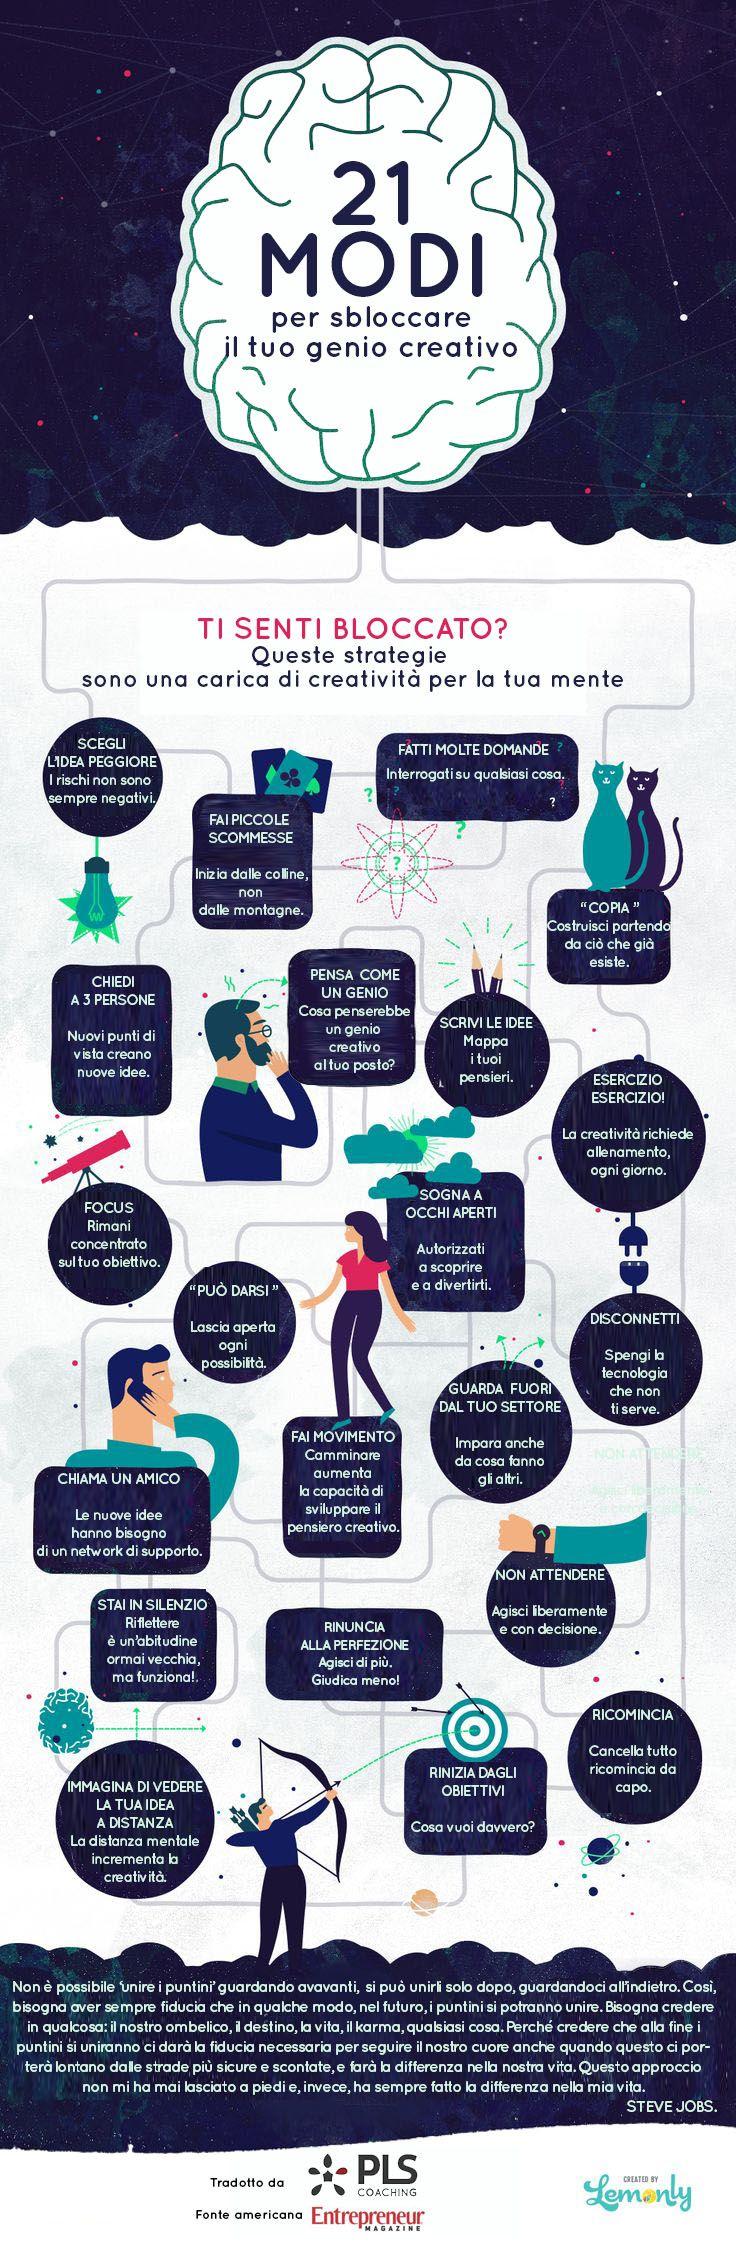 21 strategie per stimolare la creatività. Mental coaching per trovare soluzioni creative. Creare con la mente qualcosa di nuovo è sempre un'attività meravigliosa e ricca di soddisfazioni, a volte però cadiamo nel buco nero del blocco mentale da cui sembra quasi impossibile trovare via d'uscita.